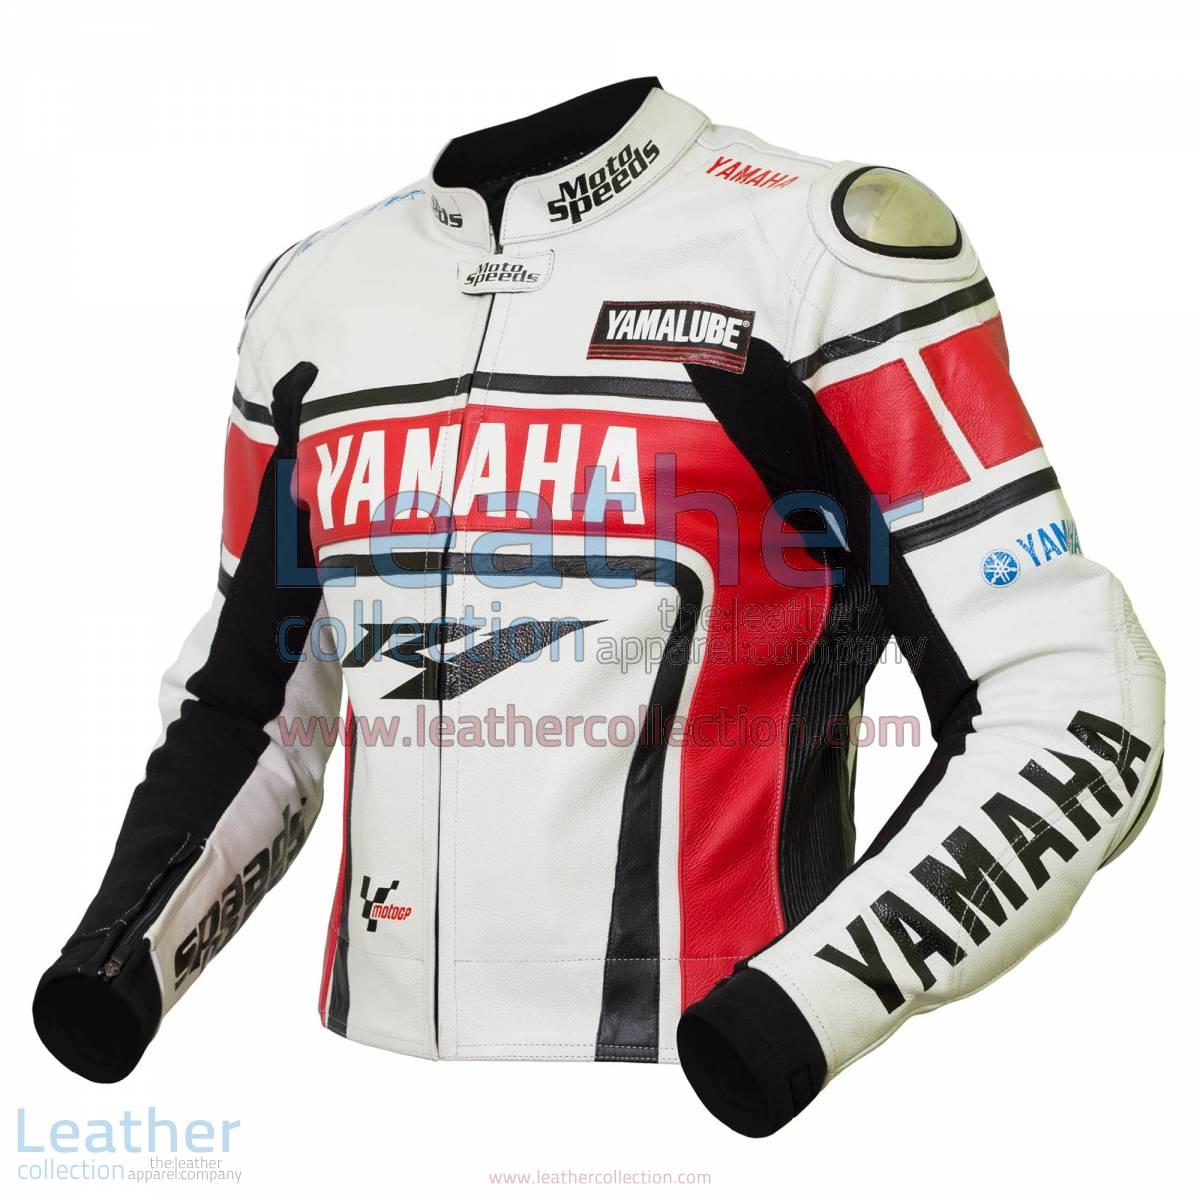 Yamaha R1 Leather Jacket